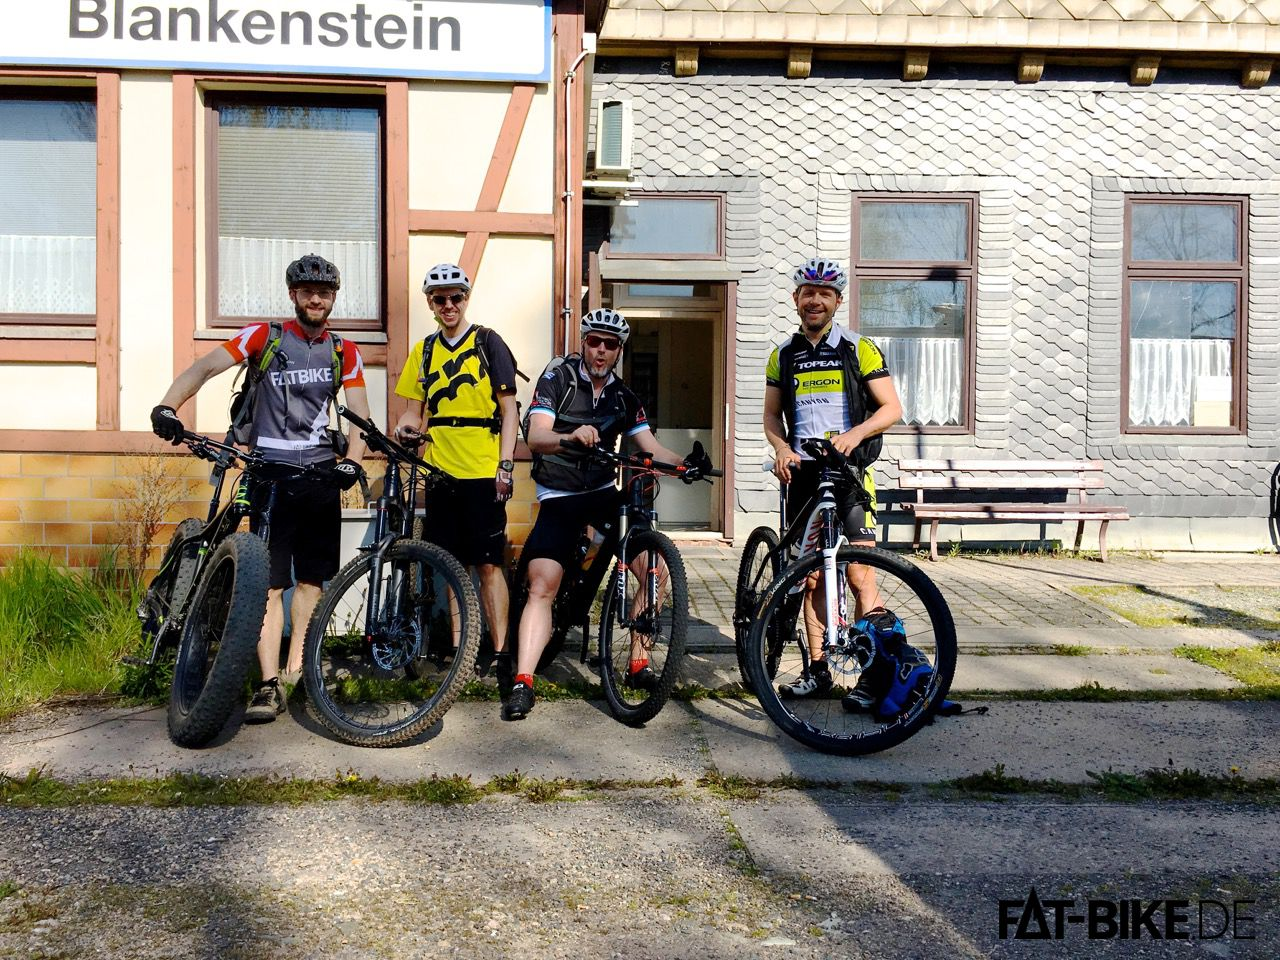 Startaufstellung in Blankenstein